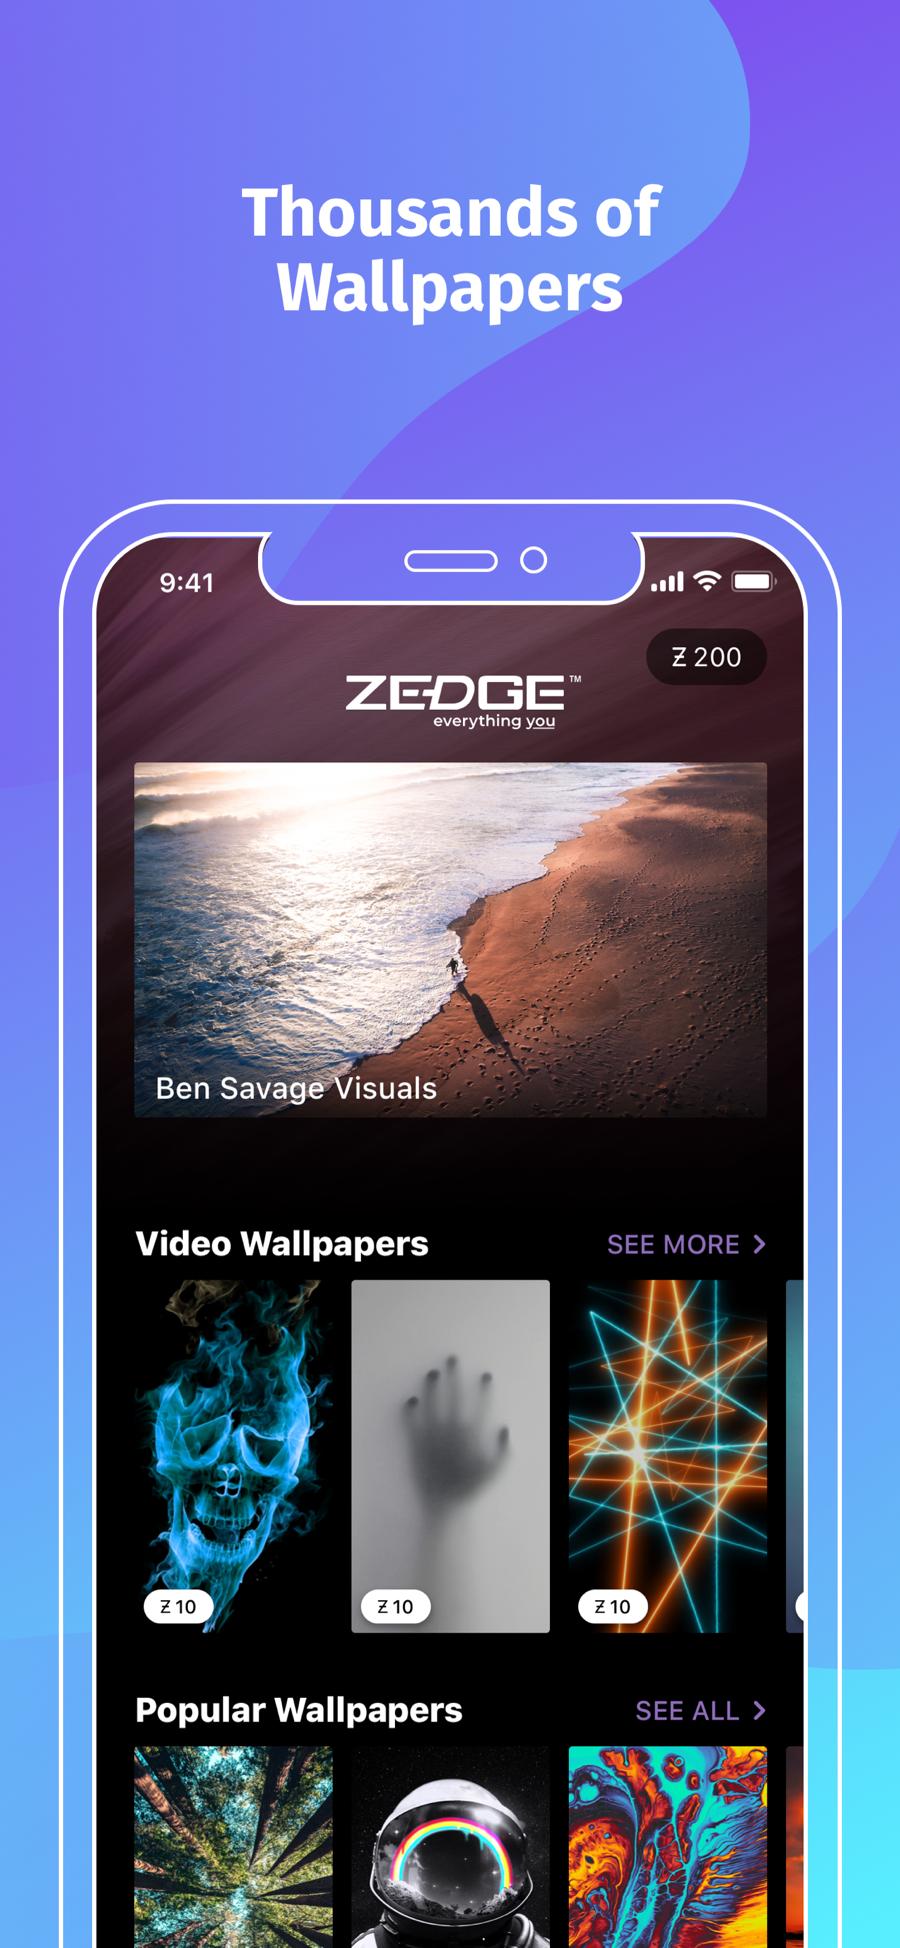 Zedge Wallpapers On The App Store In 2020 Wallpaper Iphone Wallpaper Popular Wallpaper